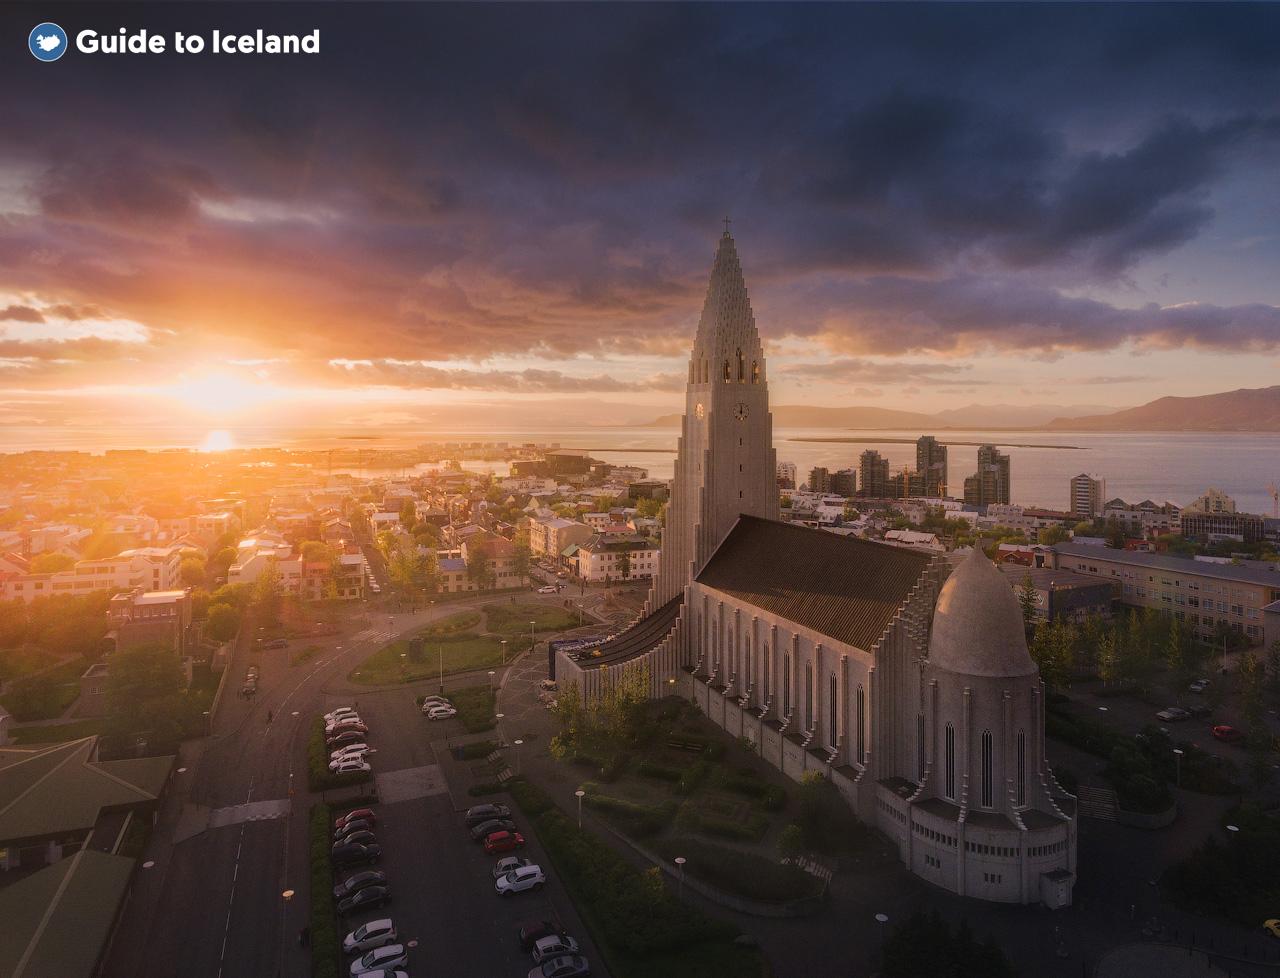 报名雷克雅未克直升机团飞到空中欣赏冰岛首都之美